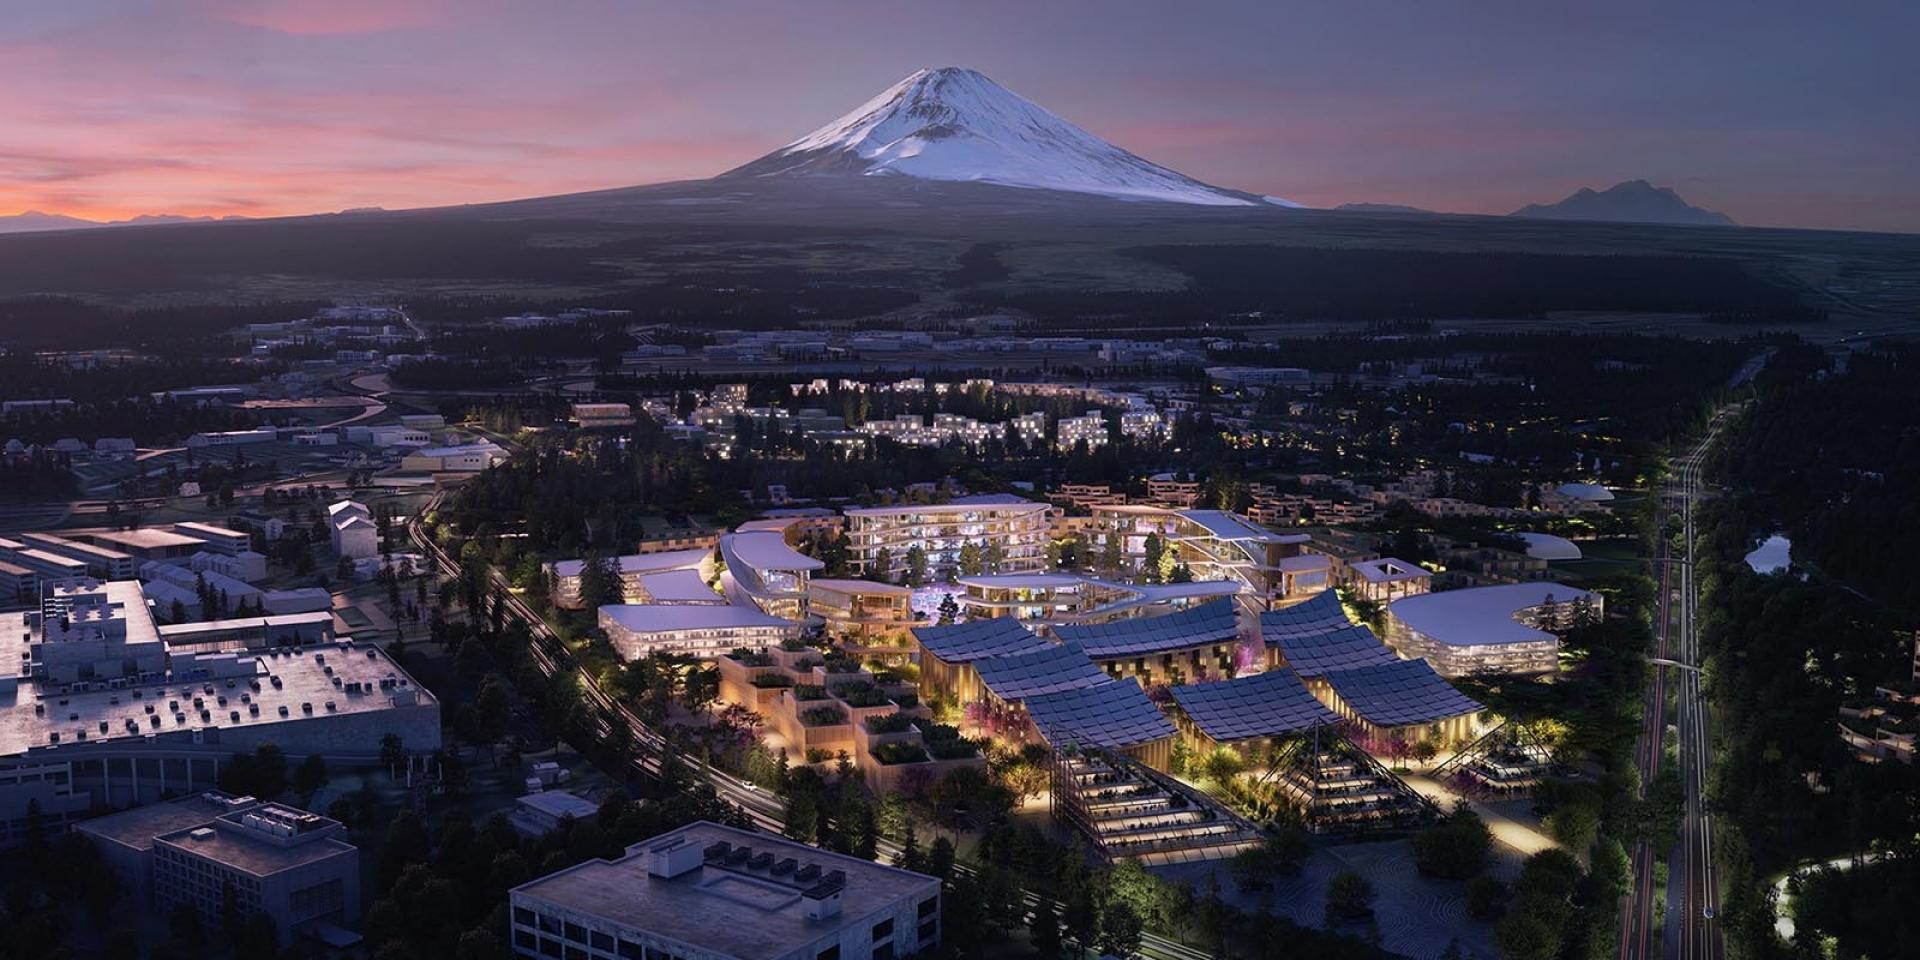 住在Toyota裡不是夢!Toyota不只做汽車,富士山腳創造新城市